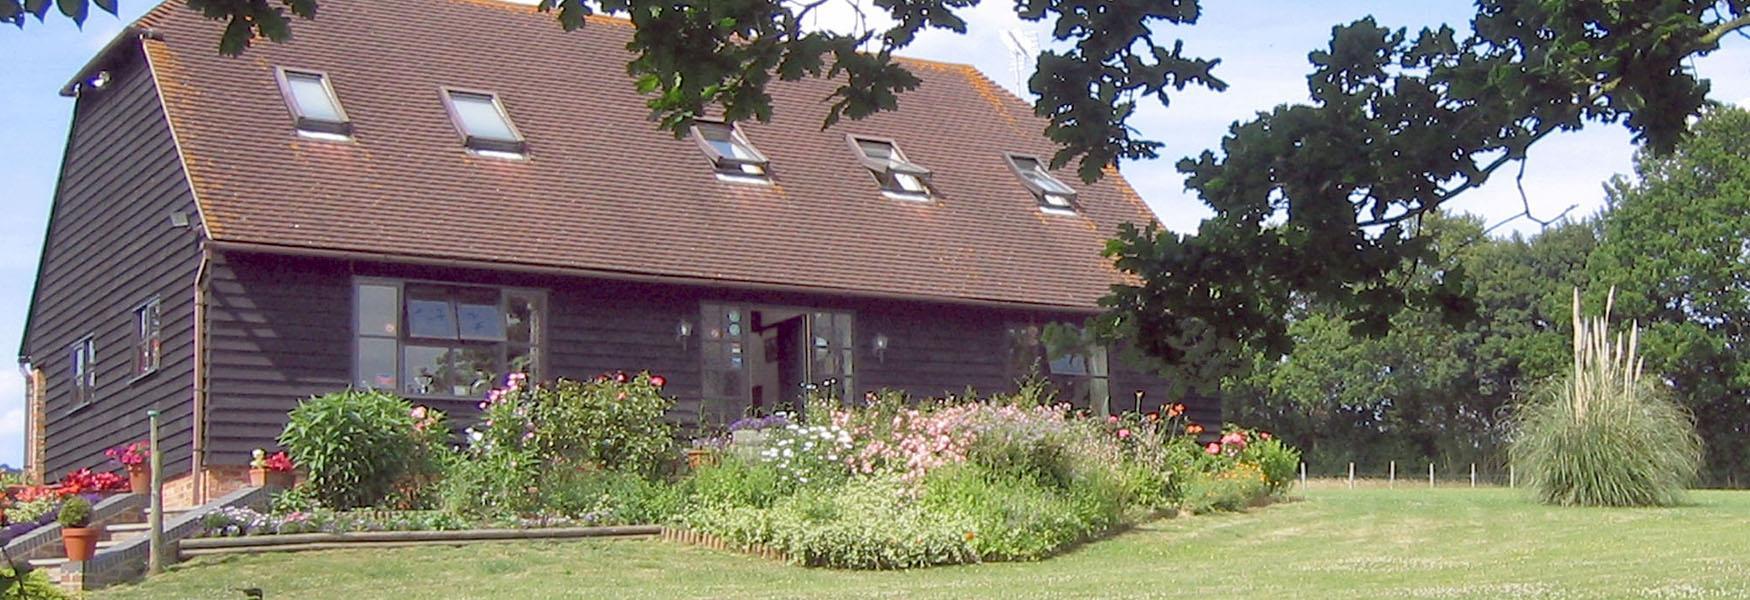 Bramley Knowle Farm